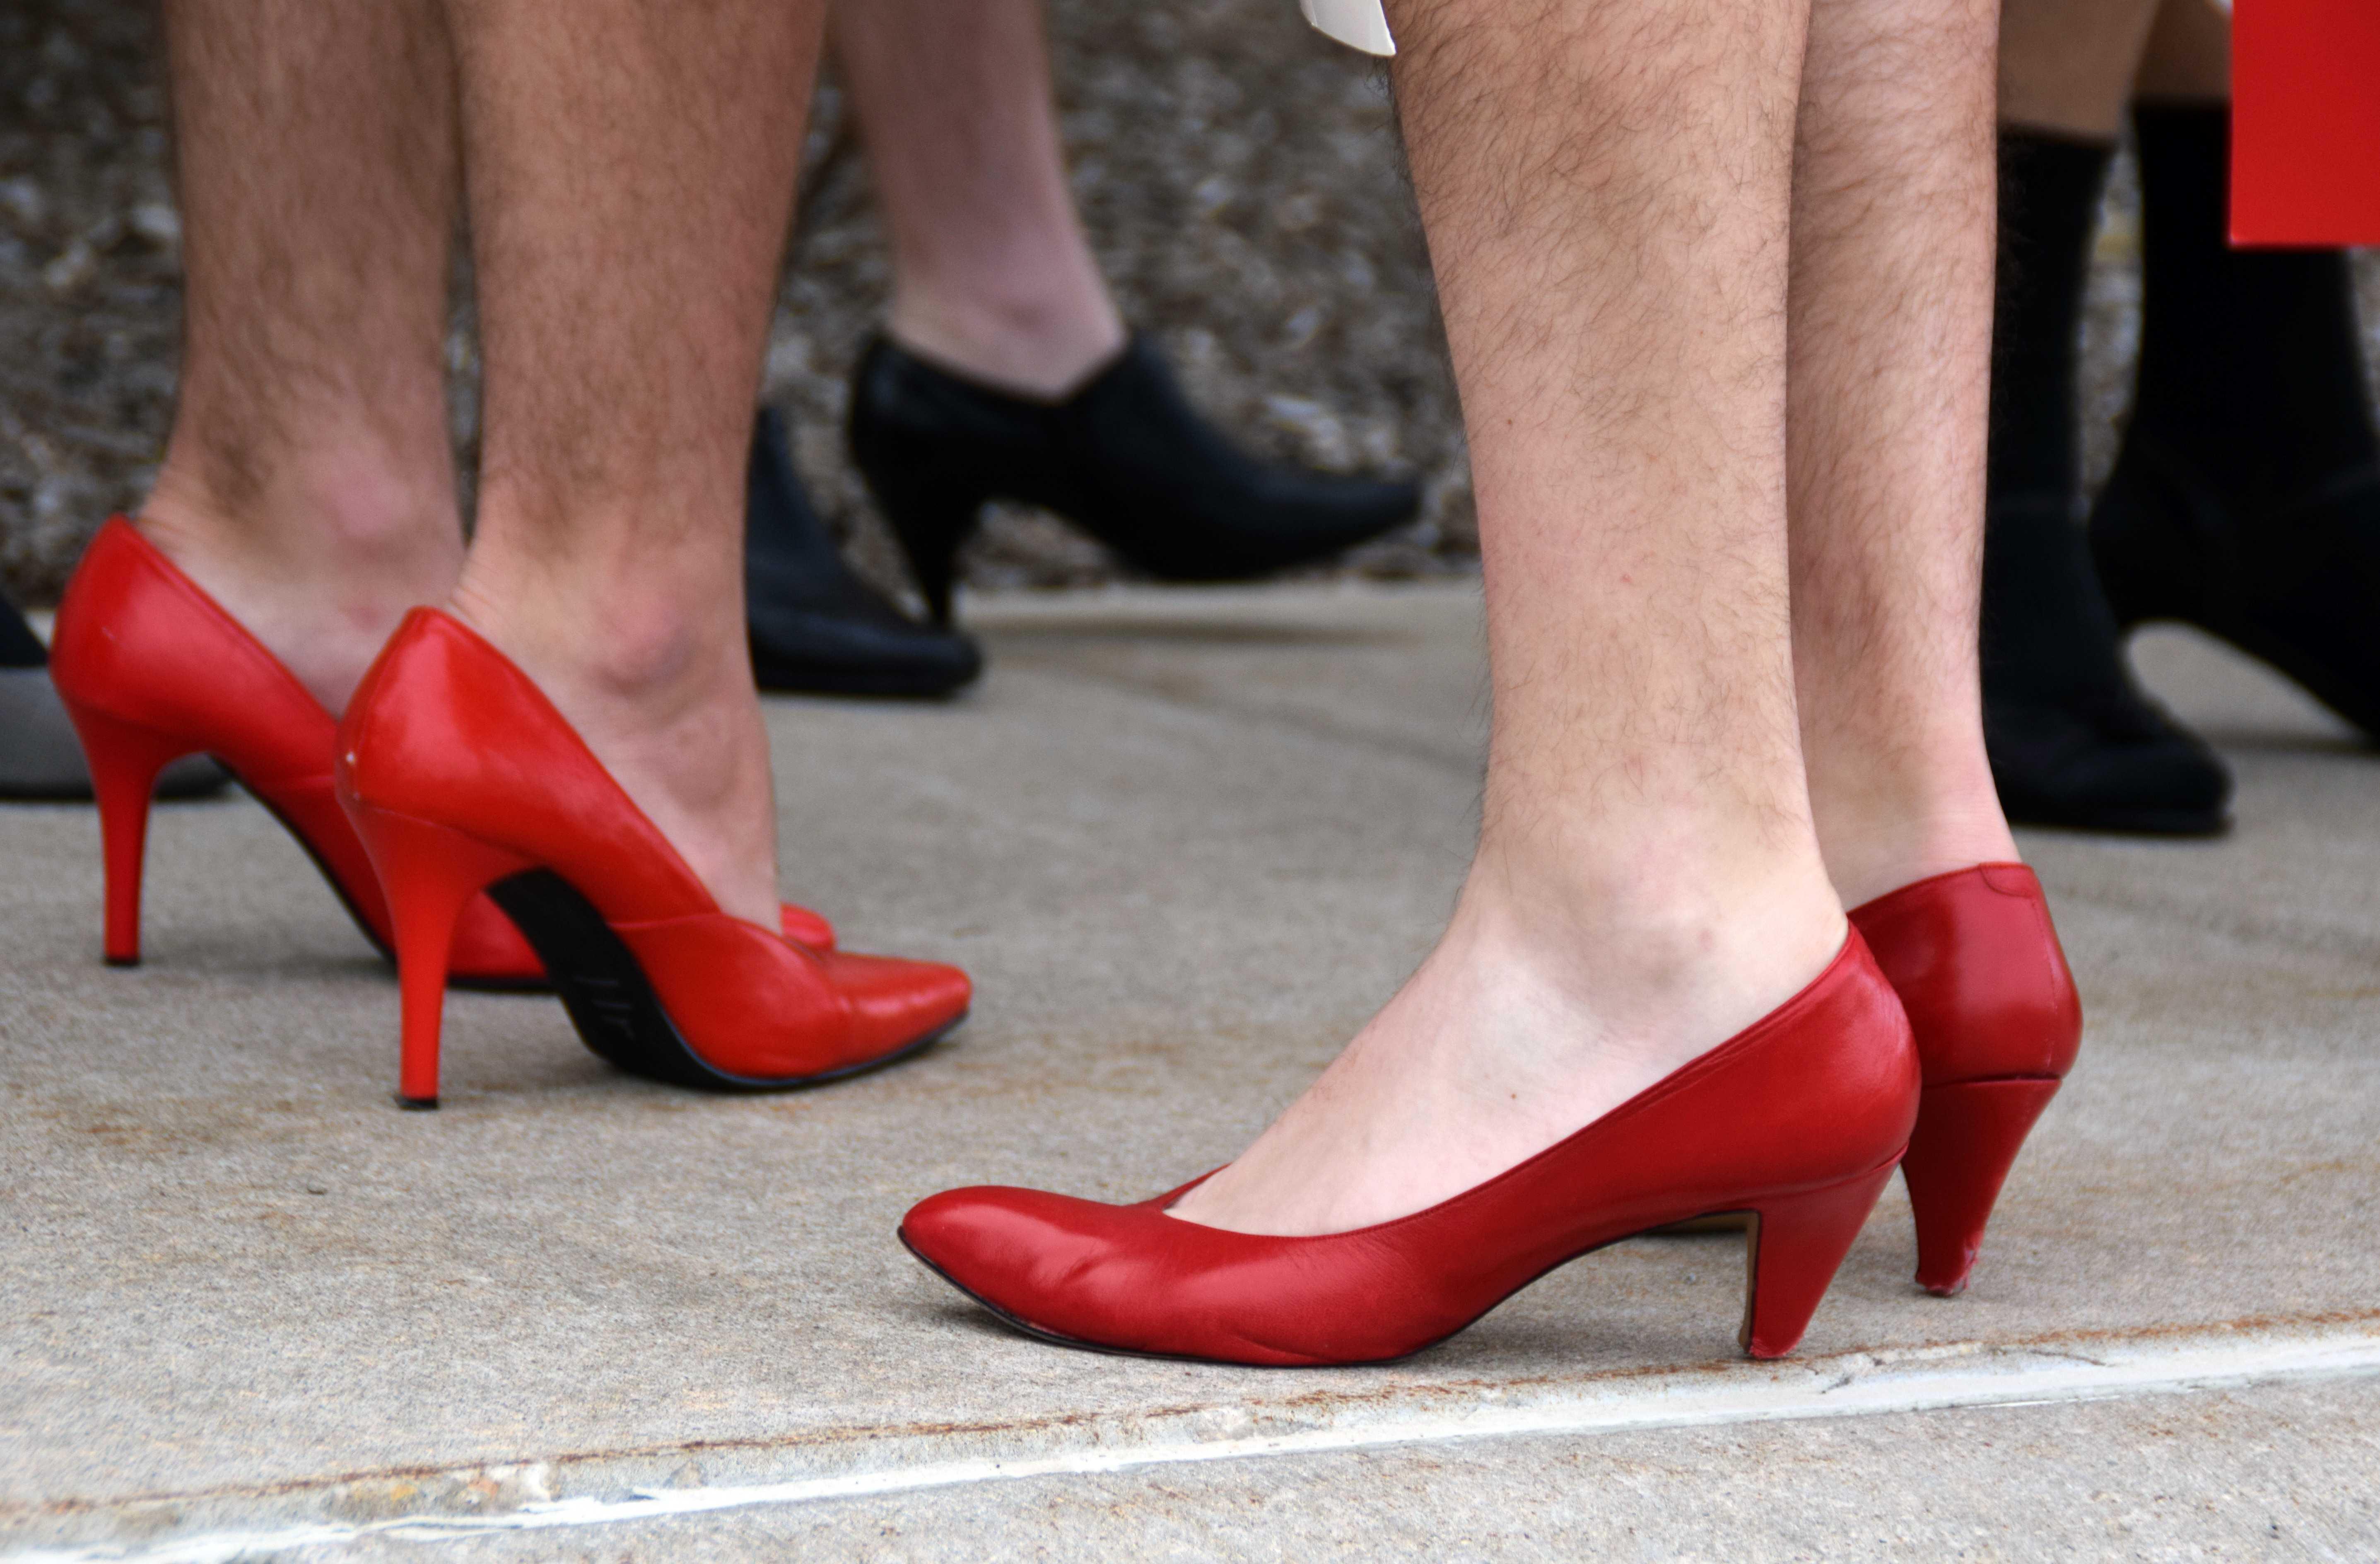 Heels hit the streets to stop rape, assault